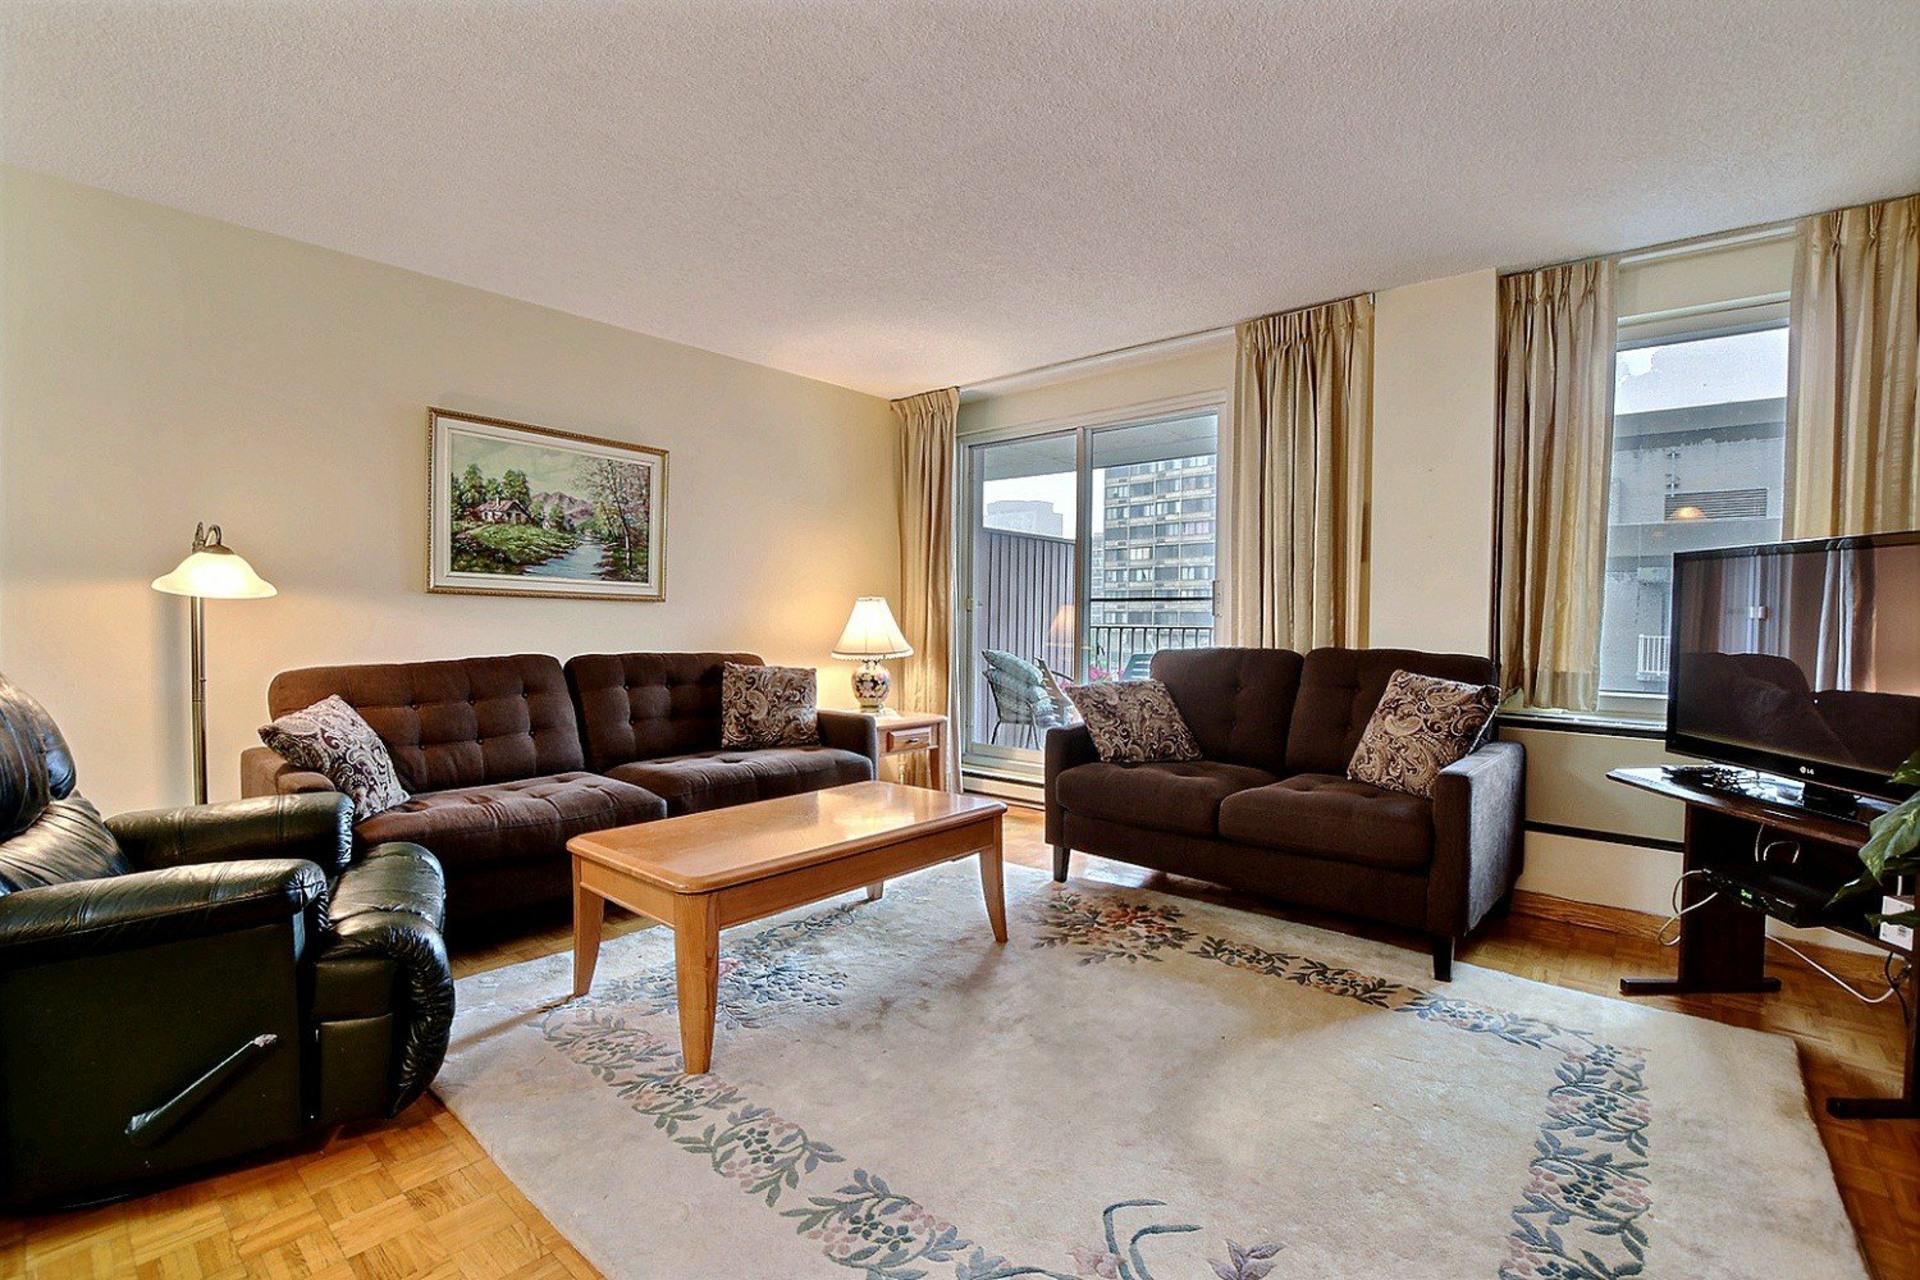 image 1 - Appartement À vendre Montréal Ville-Marie  - 3 pièces